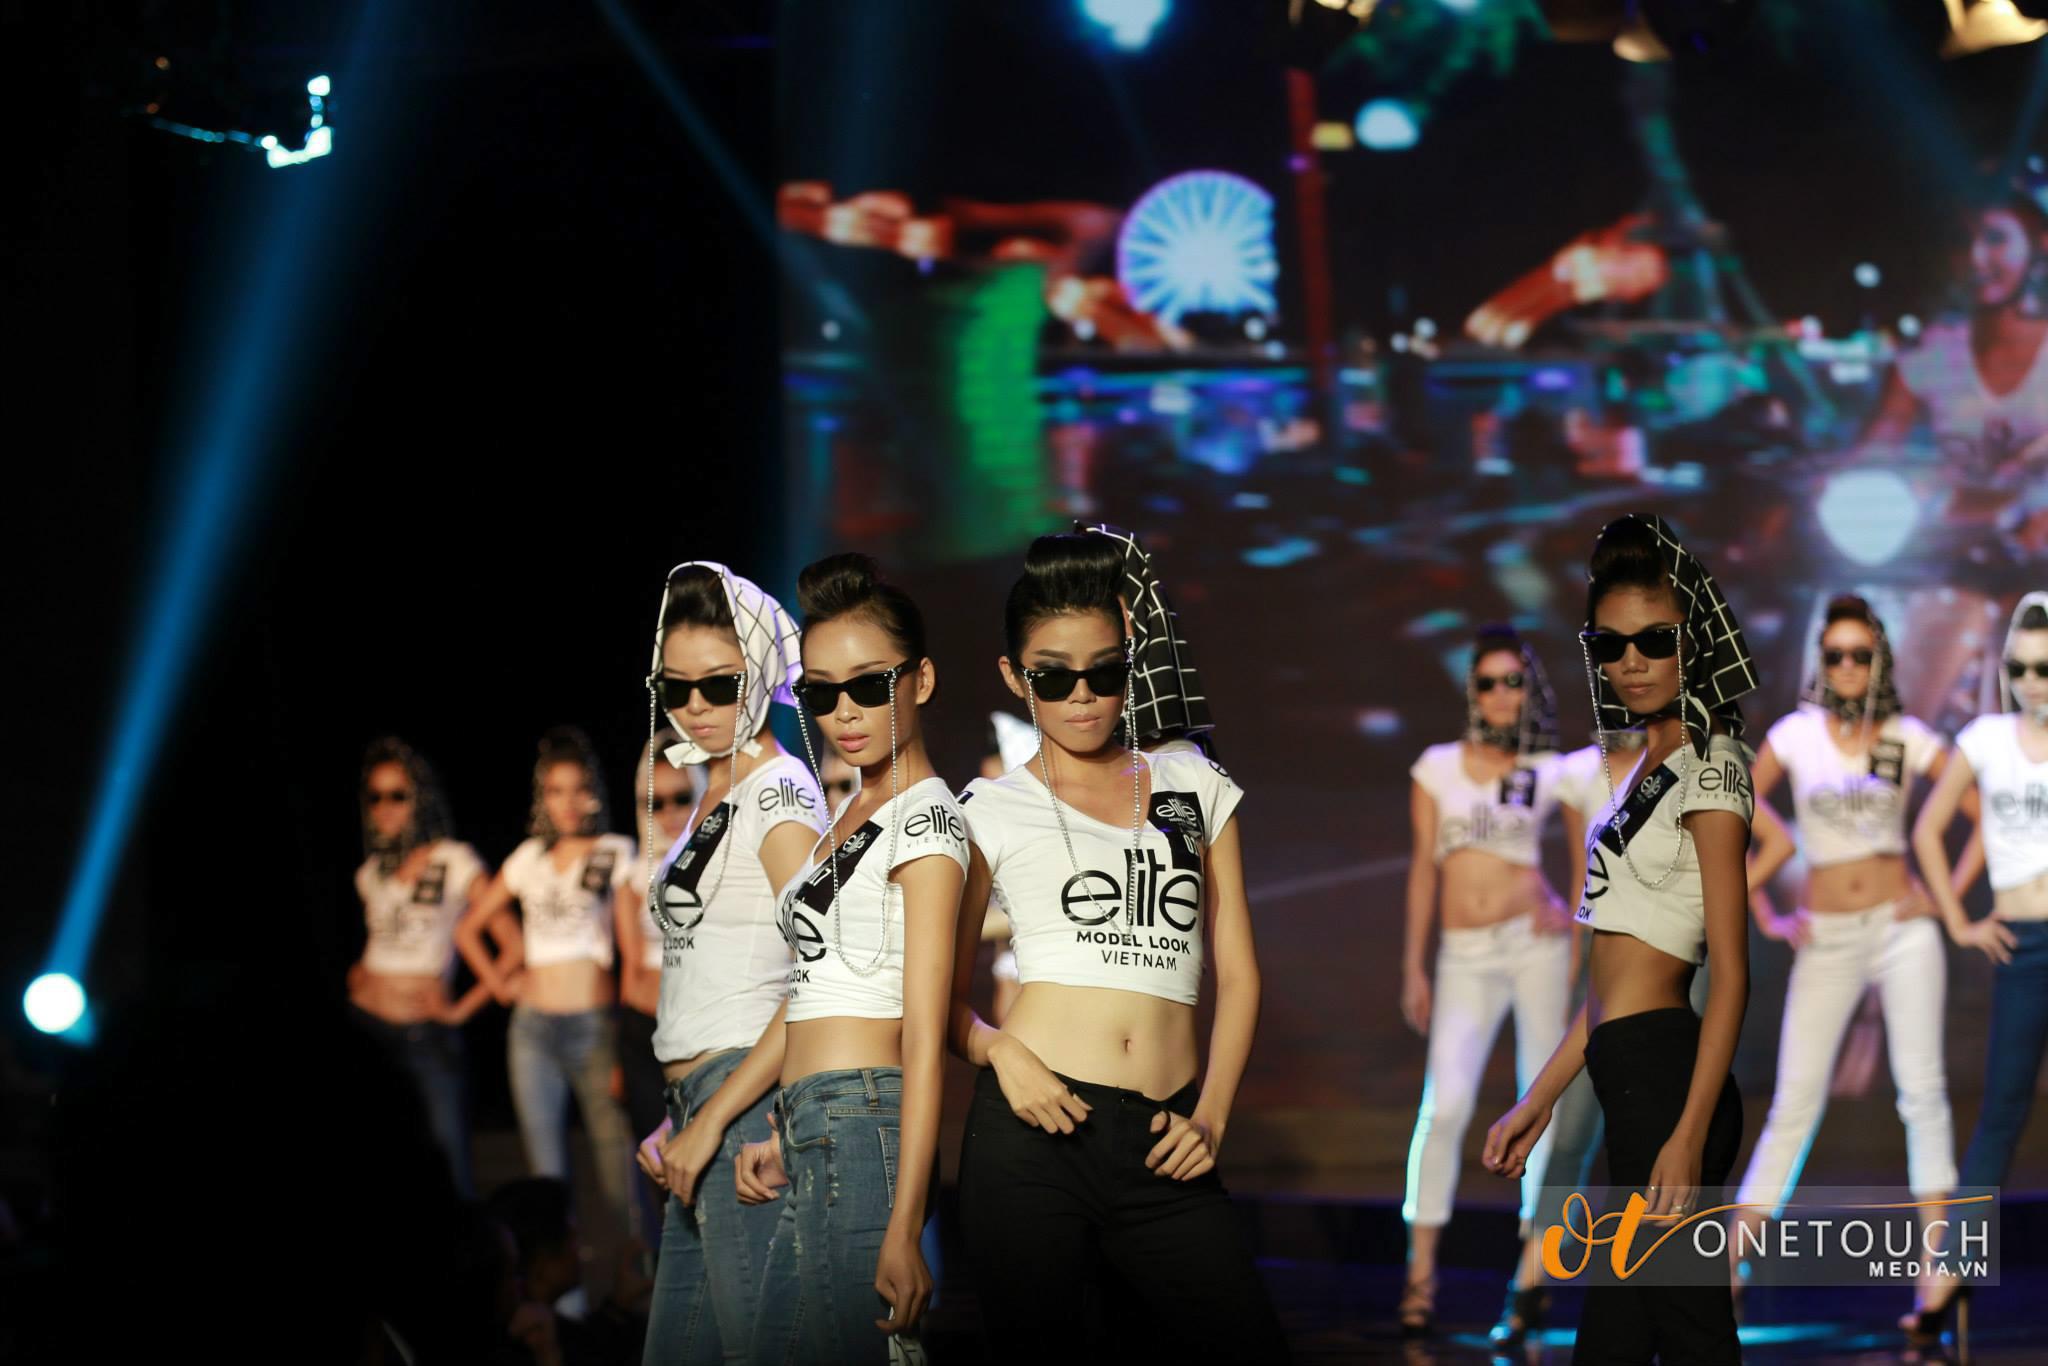 Chụp hình sự kiện tại TP. Hồ Chí Minh. Chụp ảnh sự kiện chuyên nghiệp